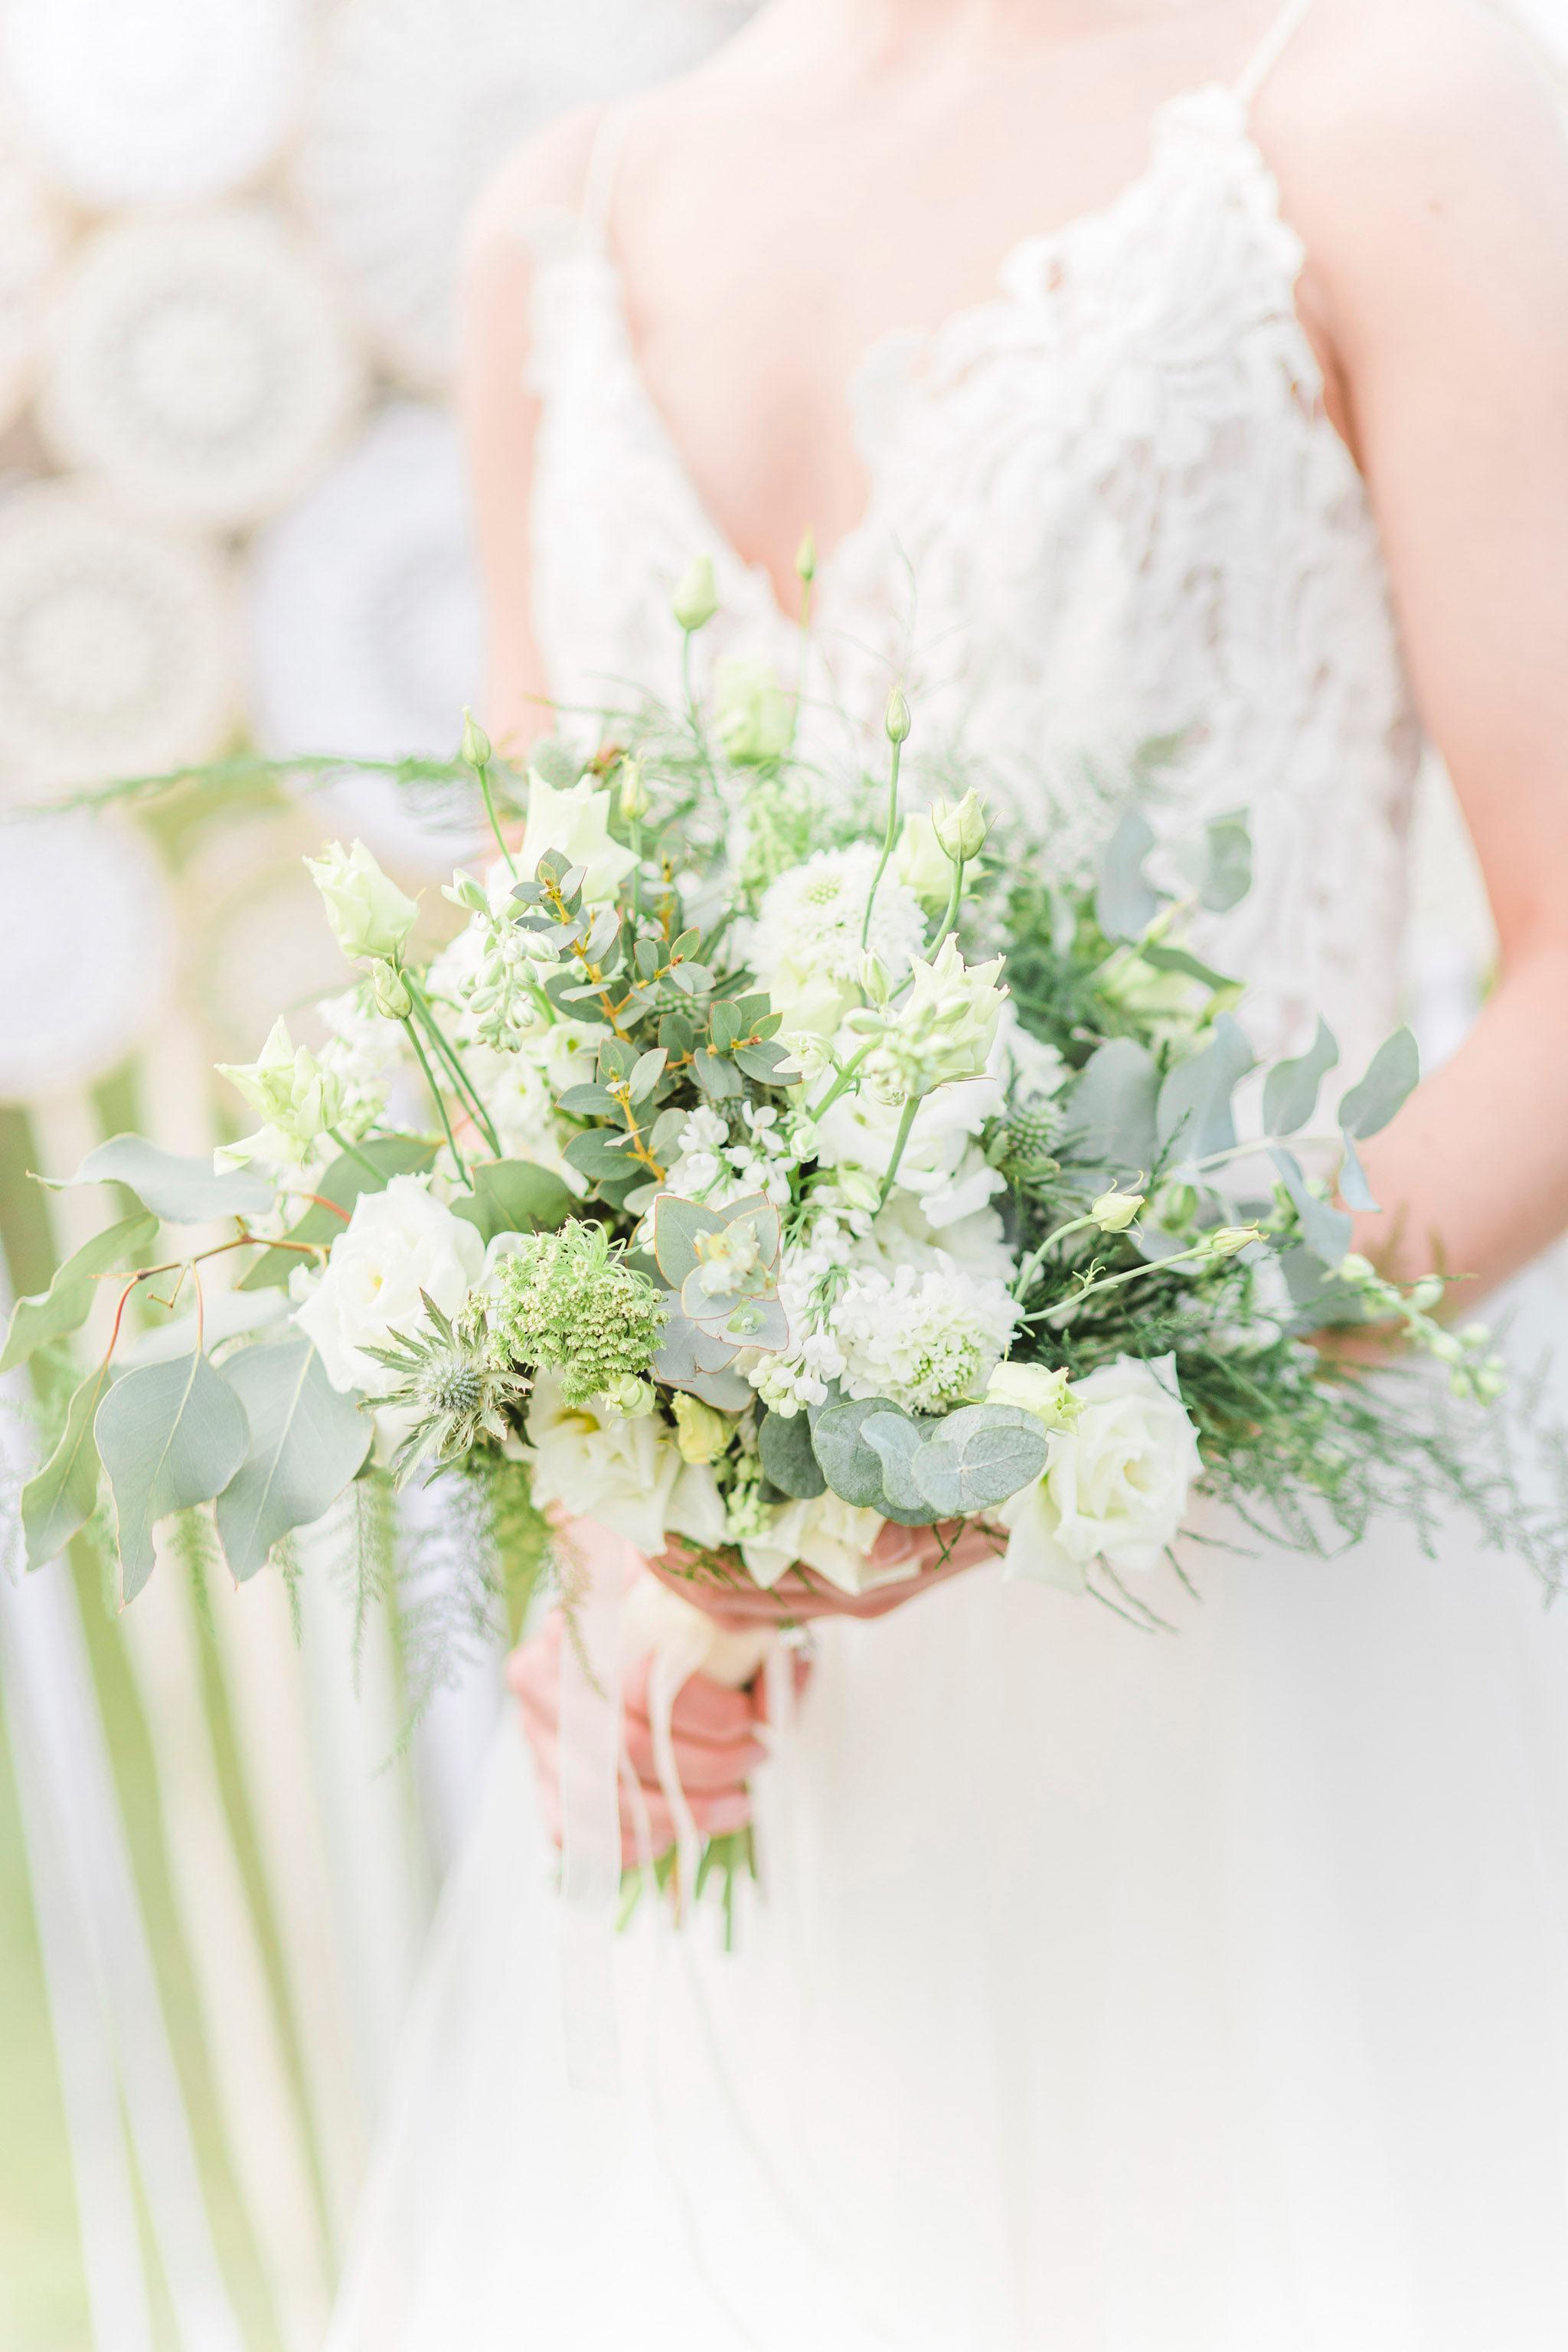 secret-herb-garden-wedding-photographer-edinburgh-34.jpg